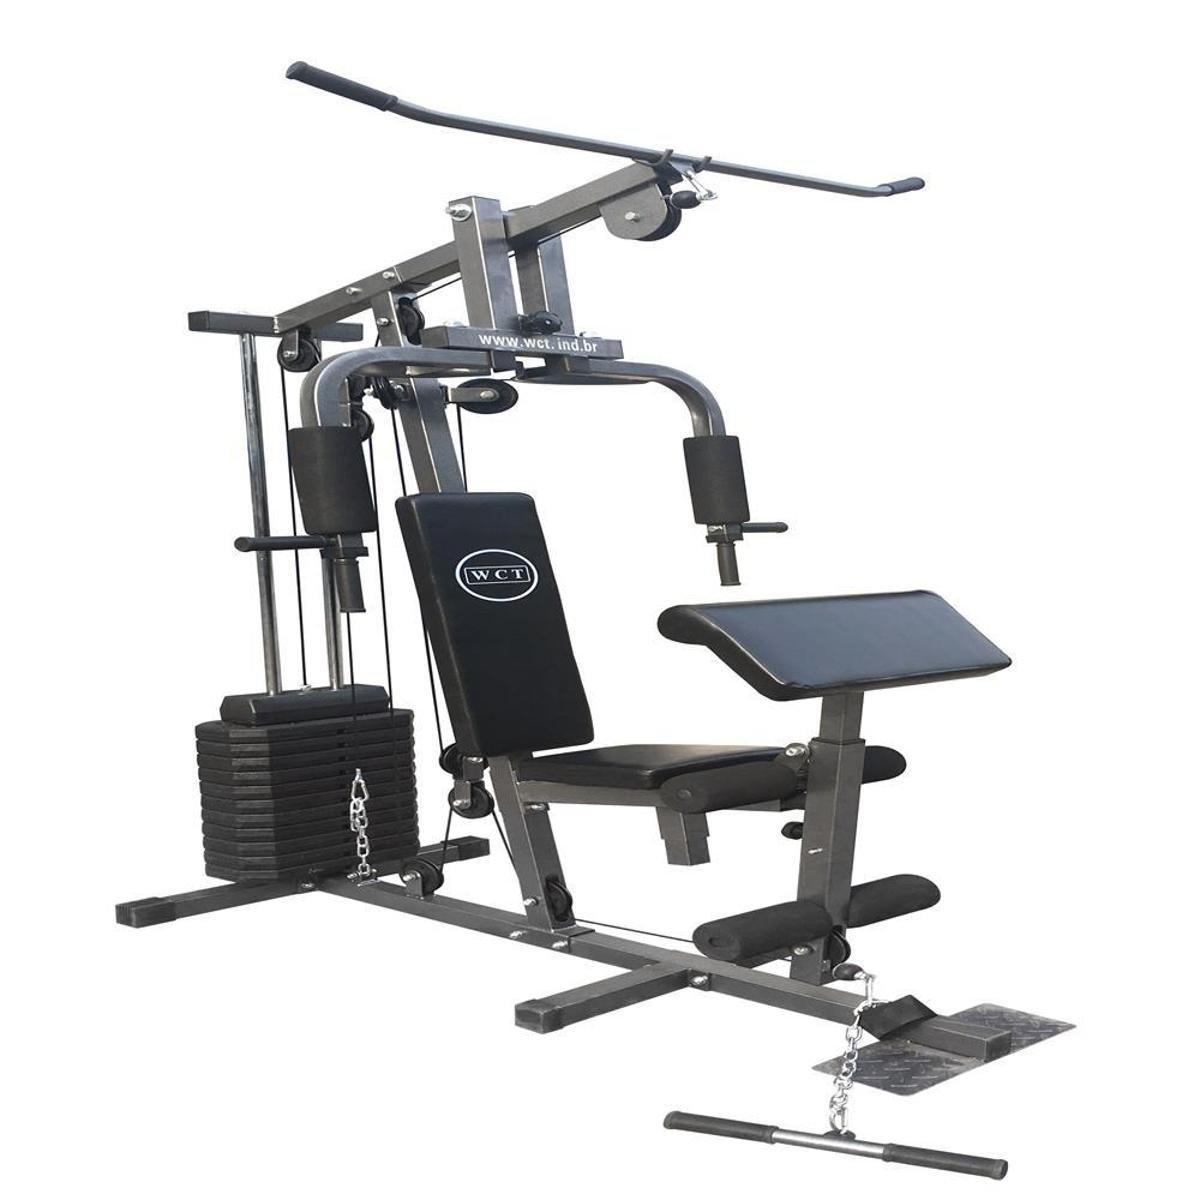 41b38f878c Estação De Musculação WCT Fitness 80kg - Preto e Cinza - Compre ...